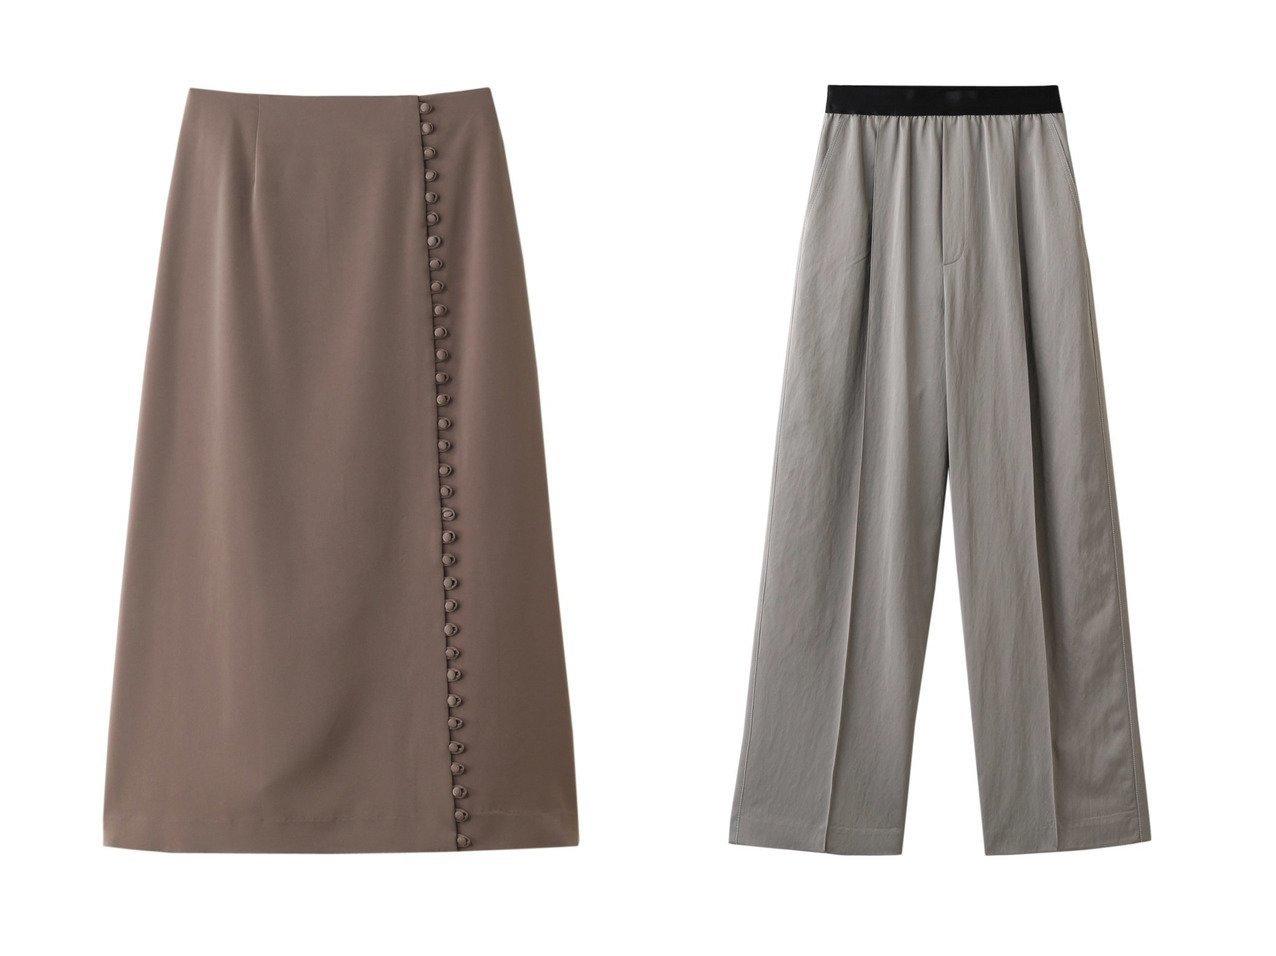 【LE CIEL BLEU/ルシェル ブルー】のラップボタンディティールスカート&エラスティックウエストパンツ LE CIEL BLEUのおすすめ!人気、トレンド・レディースファッションの通販 おすすめで人気の流行・トレンド、ファッションの通販商品 メンズファッション・キッズファッション・インテリア・家具・レディースファッション・服の通販 founy(ファニー) https://founy.com/ ファッション Fashion レディースファッション WOMEN スカート Skirt パンツ Pants 2021年 2021 2021 春夏 S/S SS Spring/Summer 2021 S/S 春夏 SS Spring/Summer ストレッチ フレア フロント ラップ 春 Spring |ID:crp329100000020311